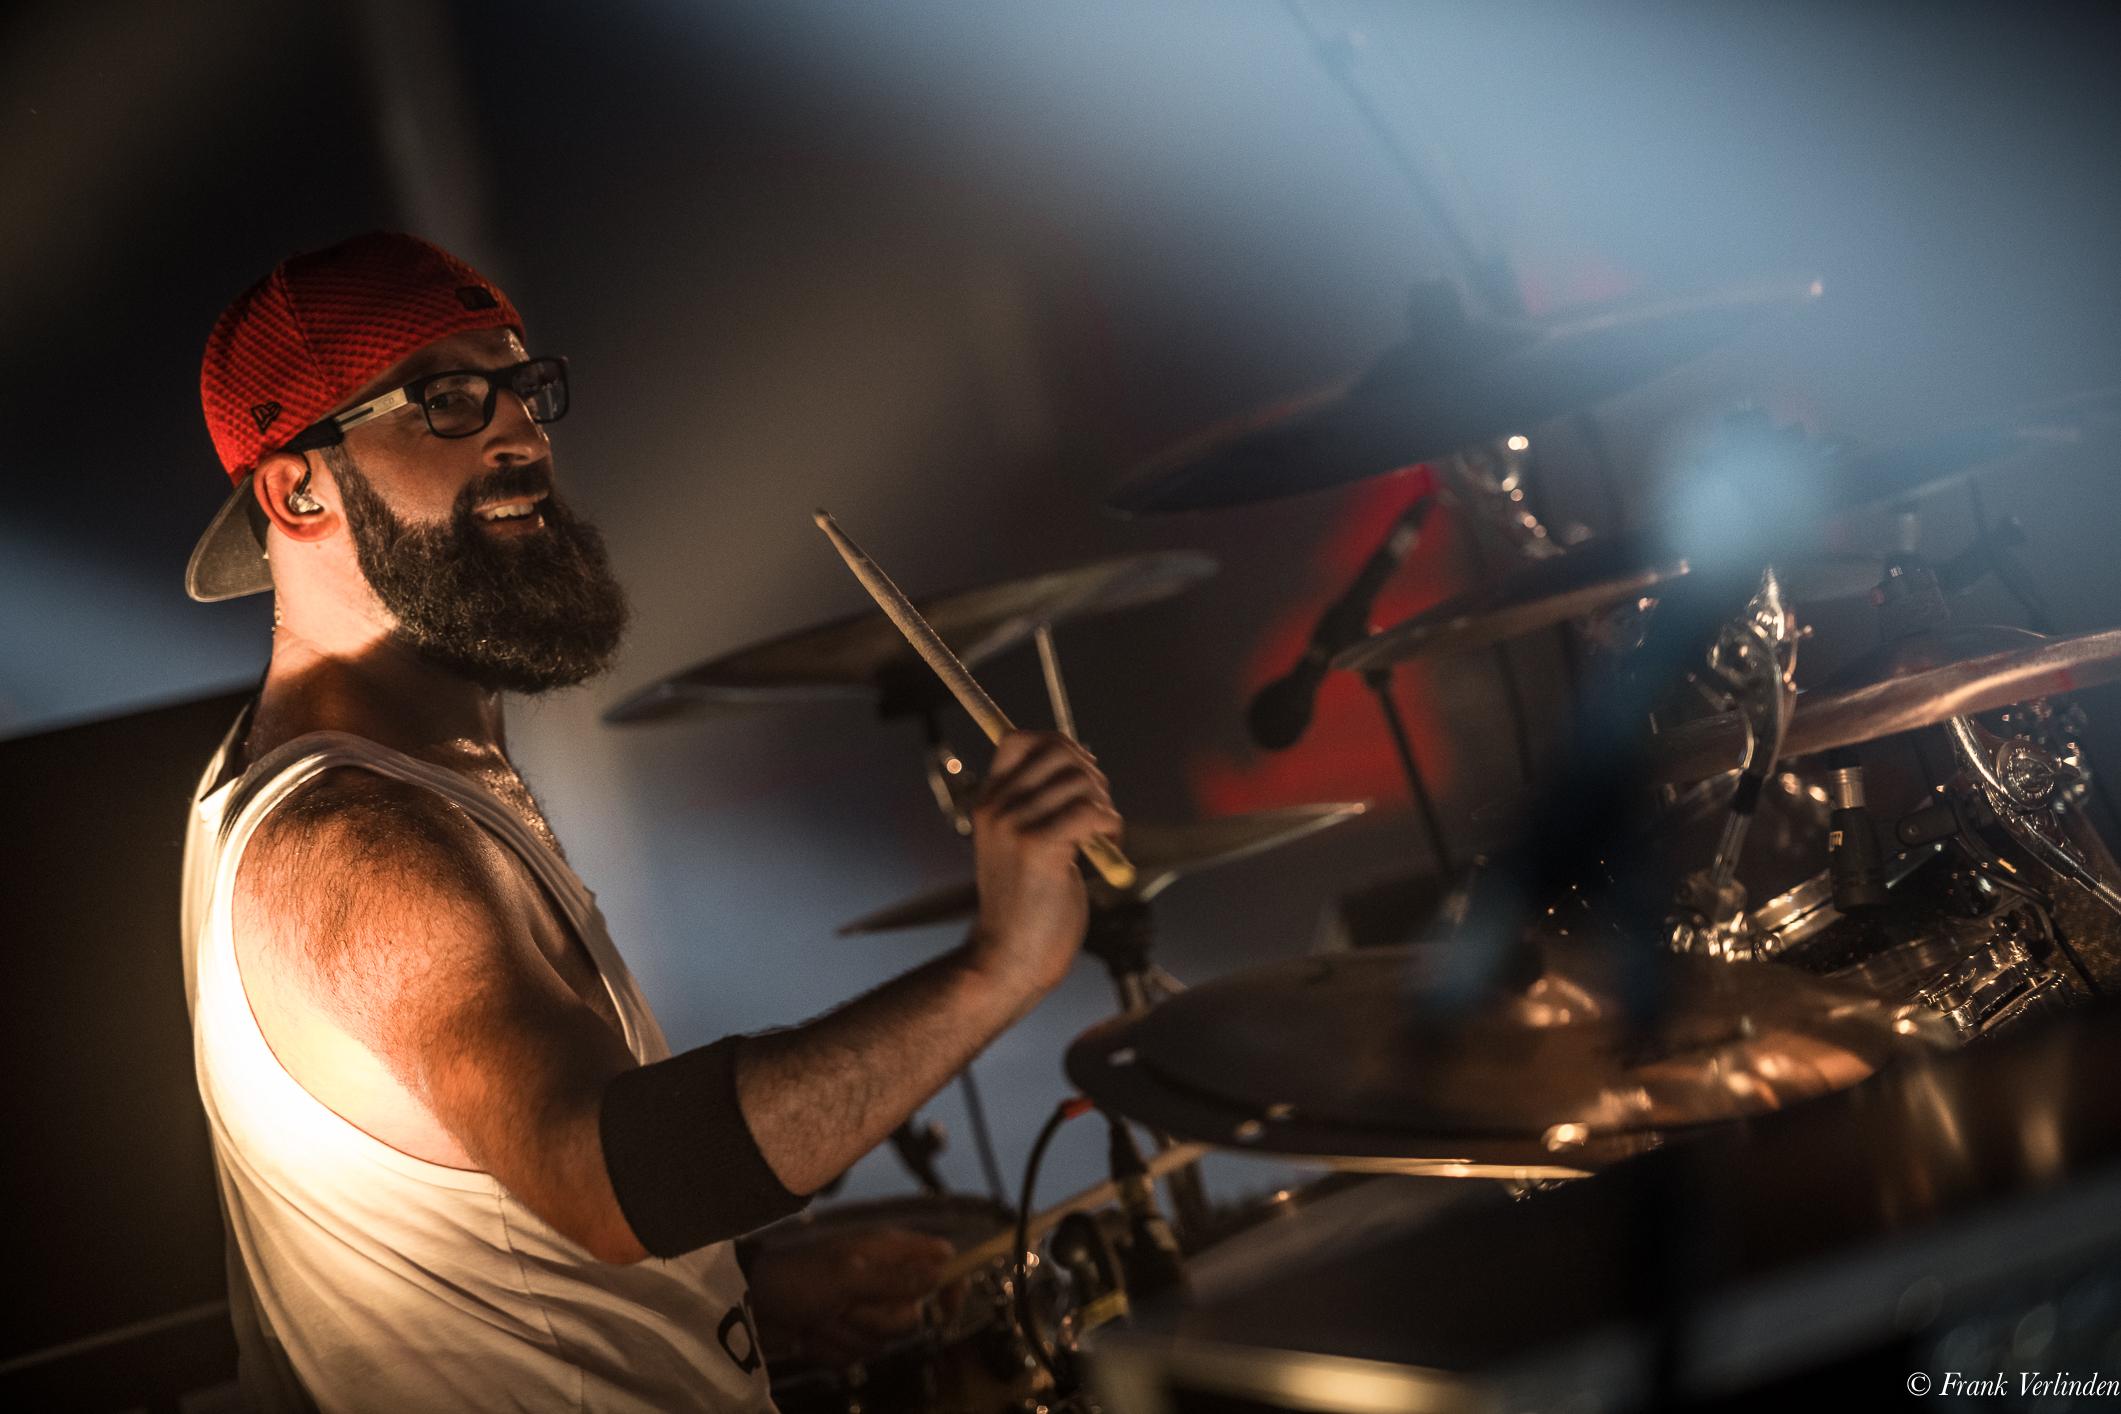 Bizkit Park drummer